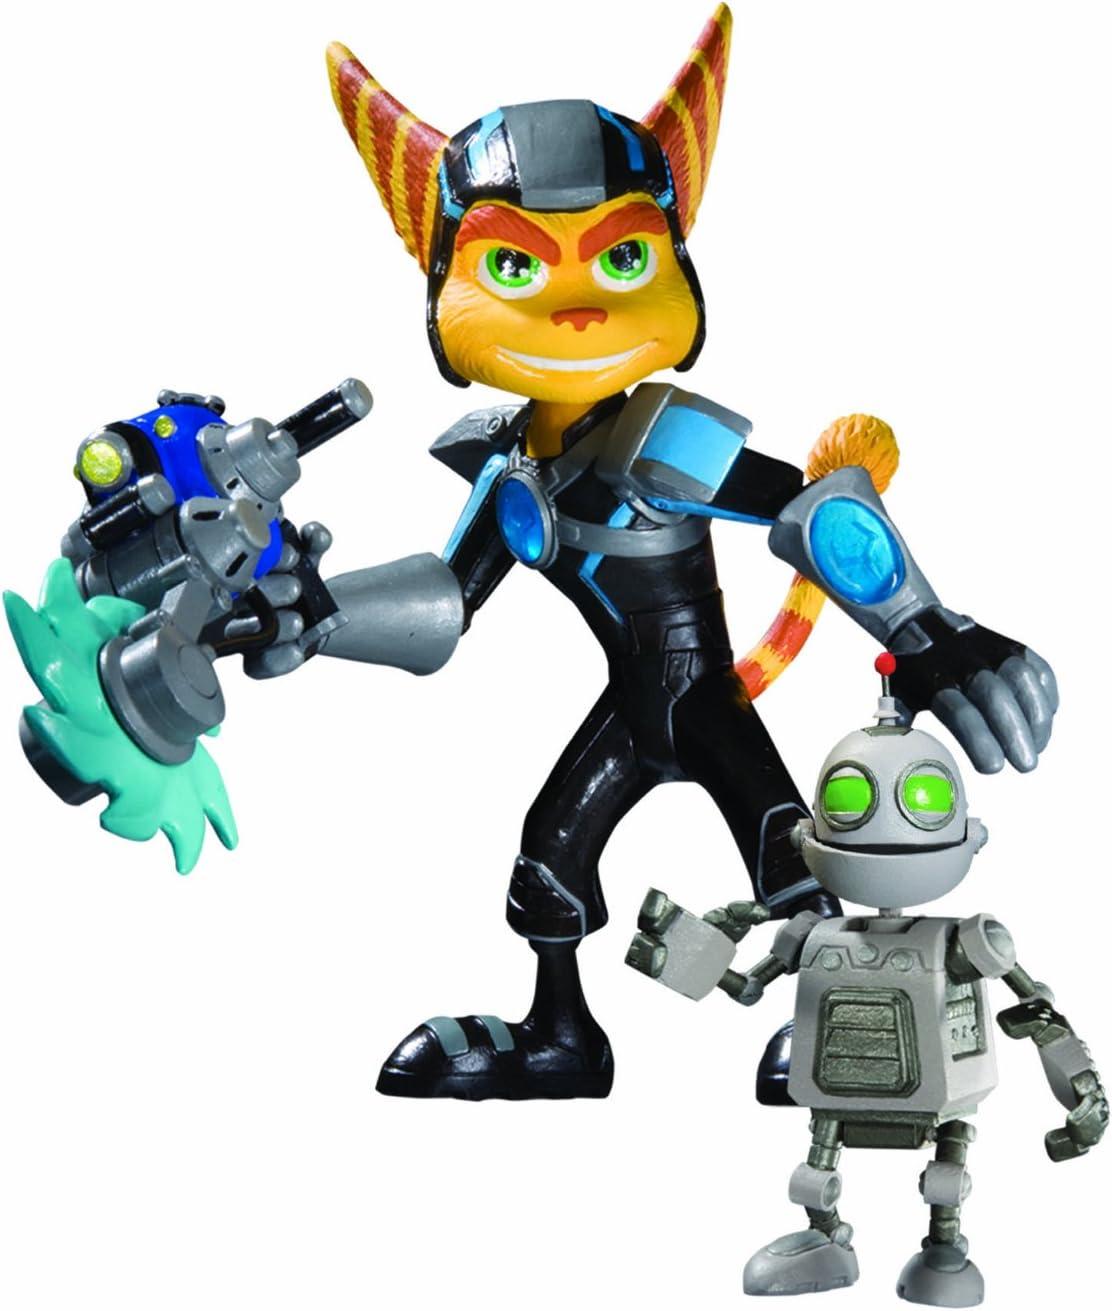 Figura Ratchet & Clank future: Amazon.es: Juguetes y juegos